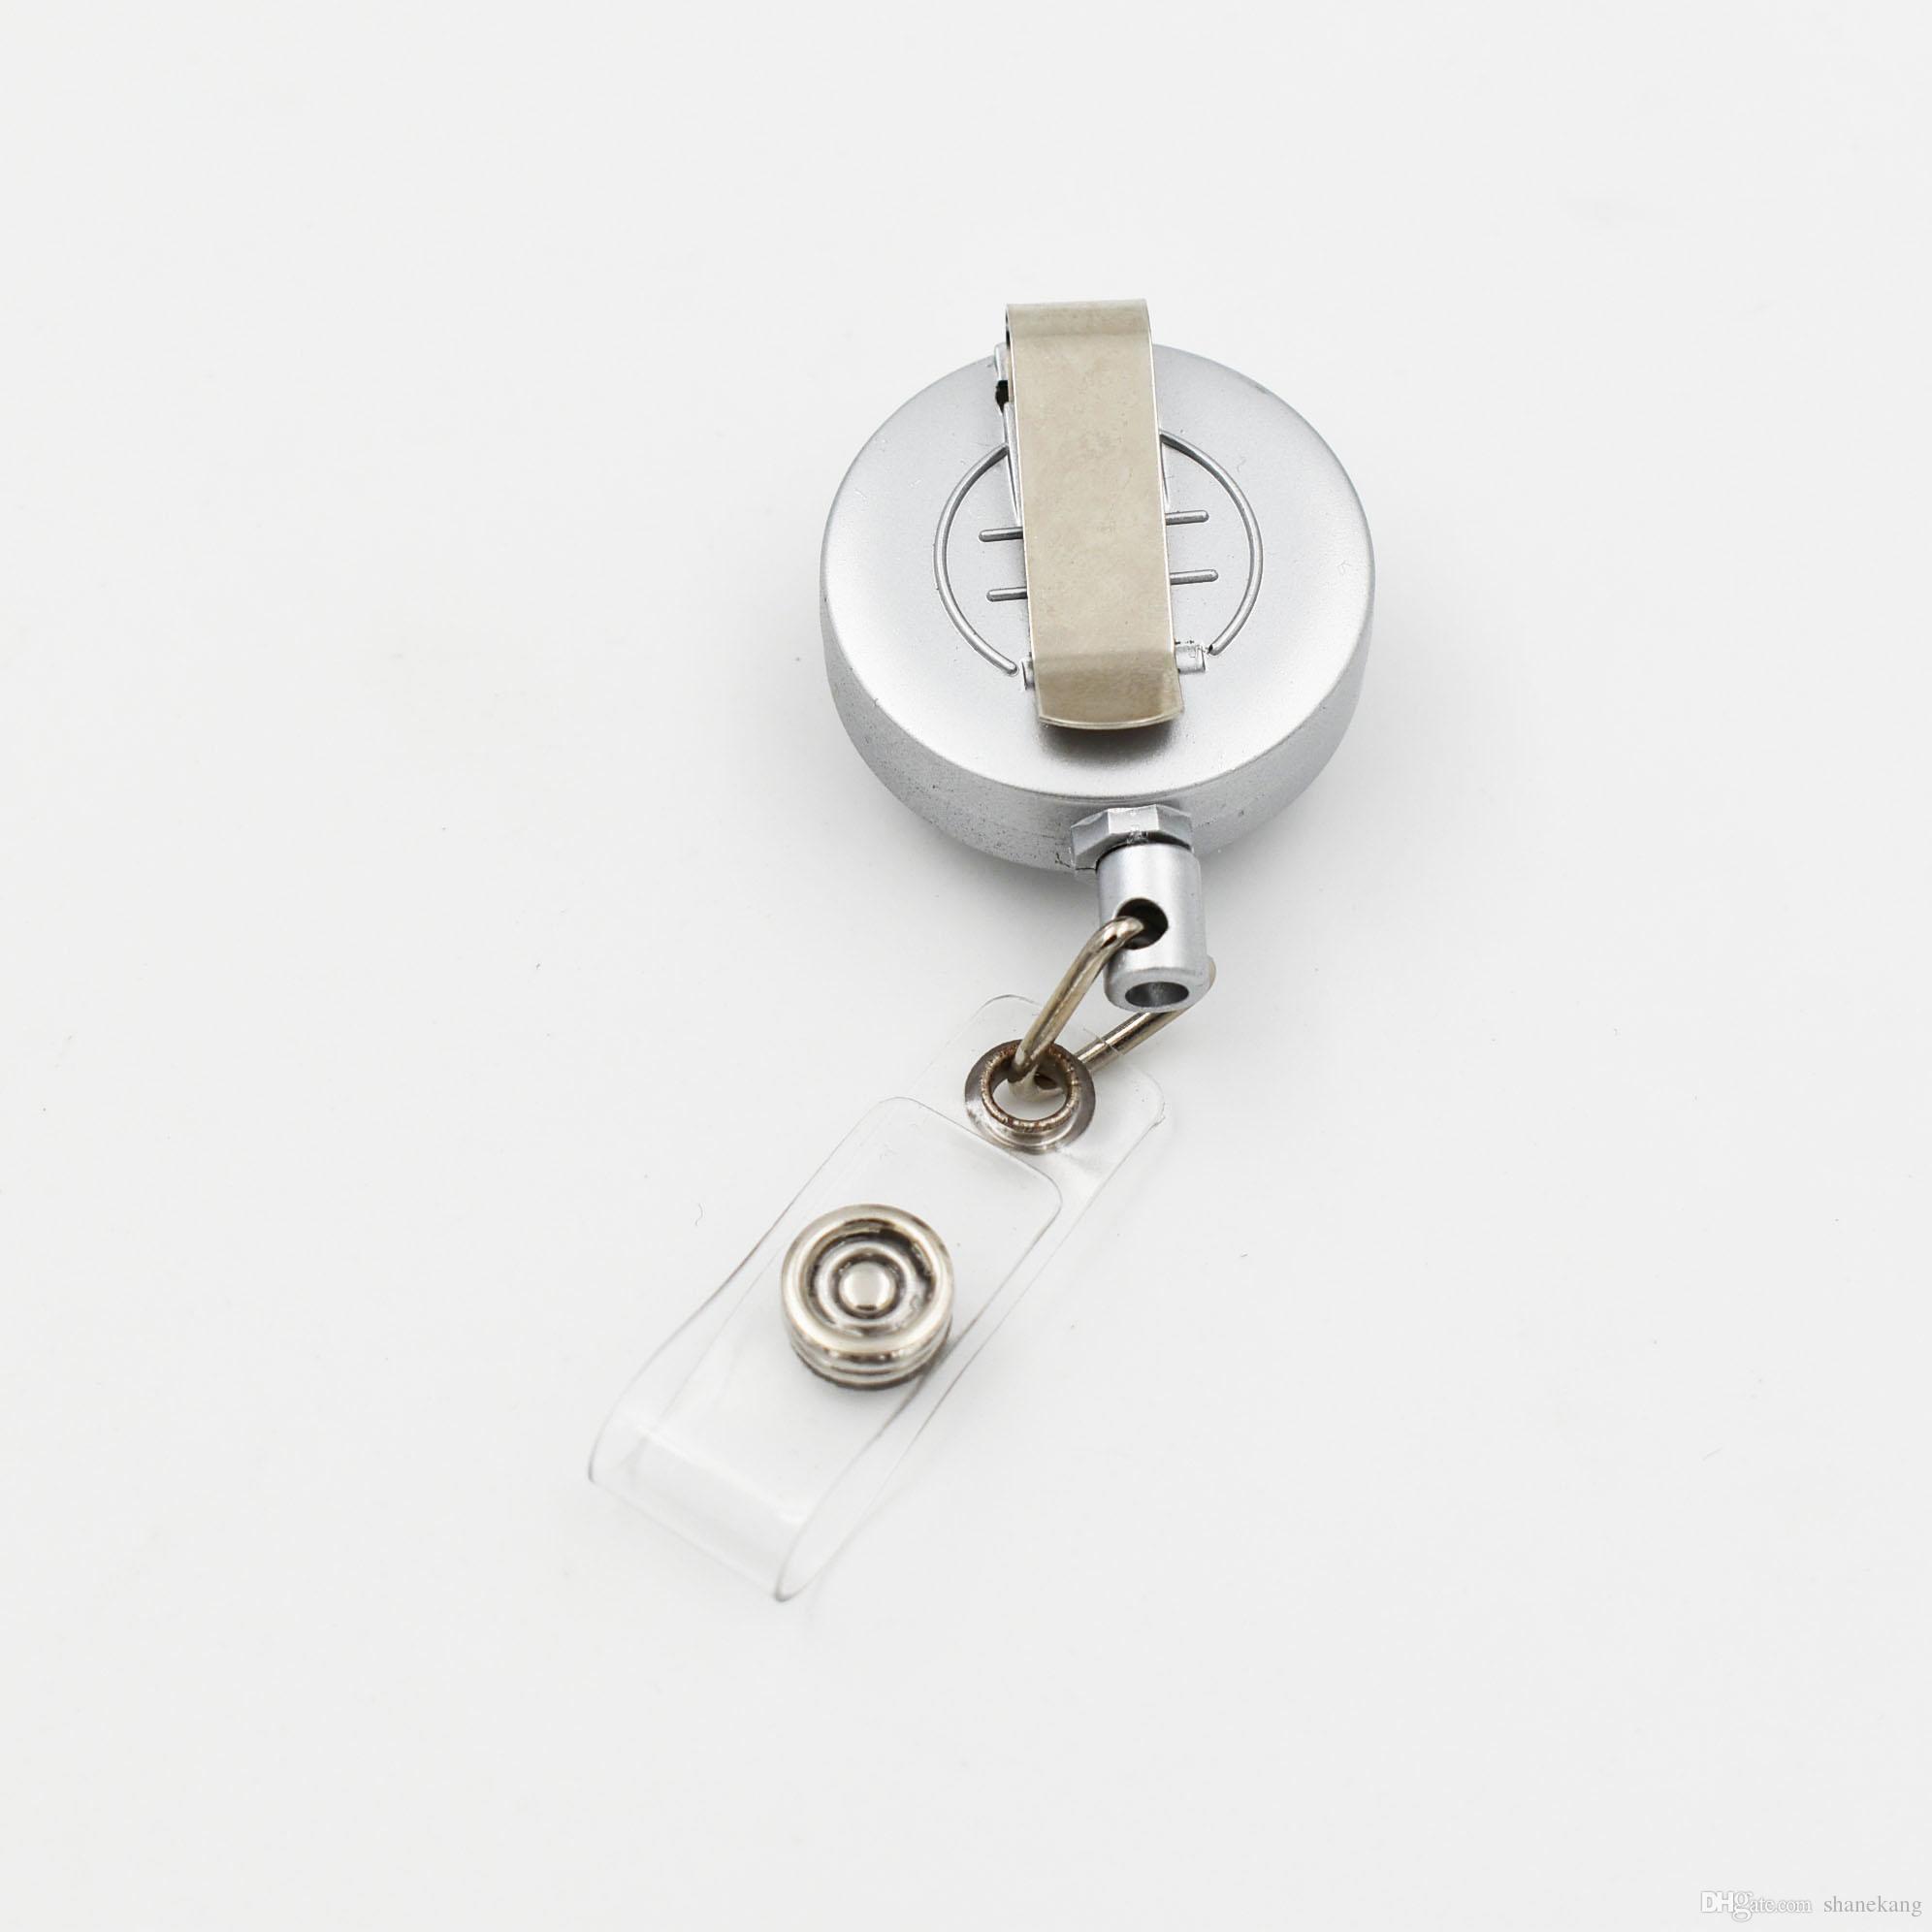 3 Arten Druckknopf Schmuck Zubehör Metall Versenkbare Abzeichen Reel Key ID Karte Clip Ring Lanyard Namensschild Kartenhalter Fit 18 MM Snap Charme